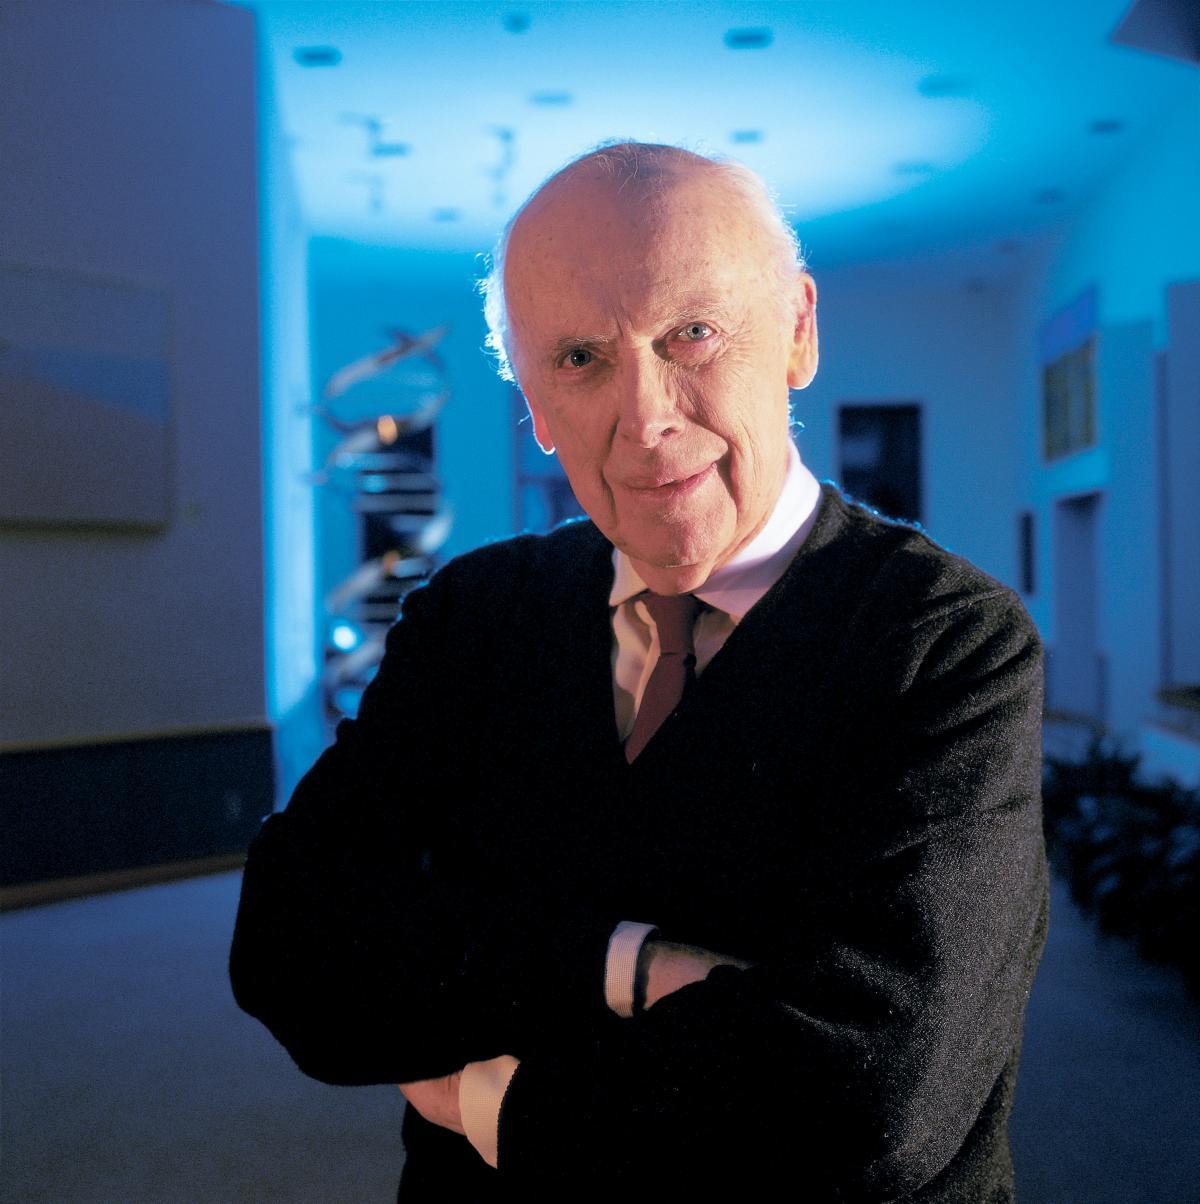 Раніше нобелівський лауреат вже висловлювався негативно щодонегроїдної раси / фото wikipedia.org